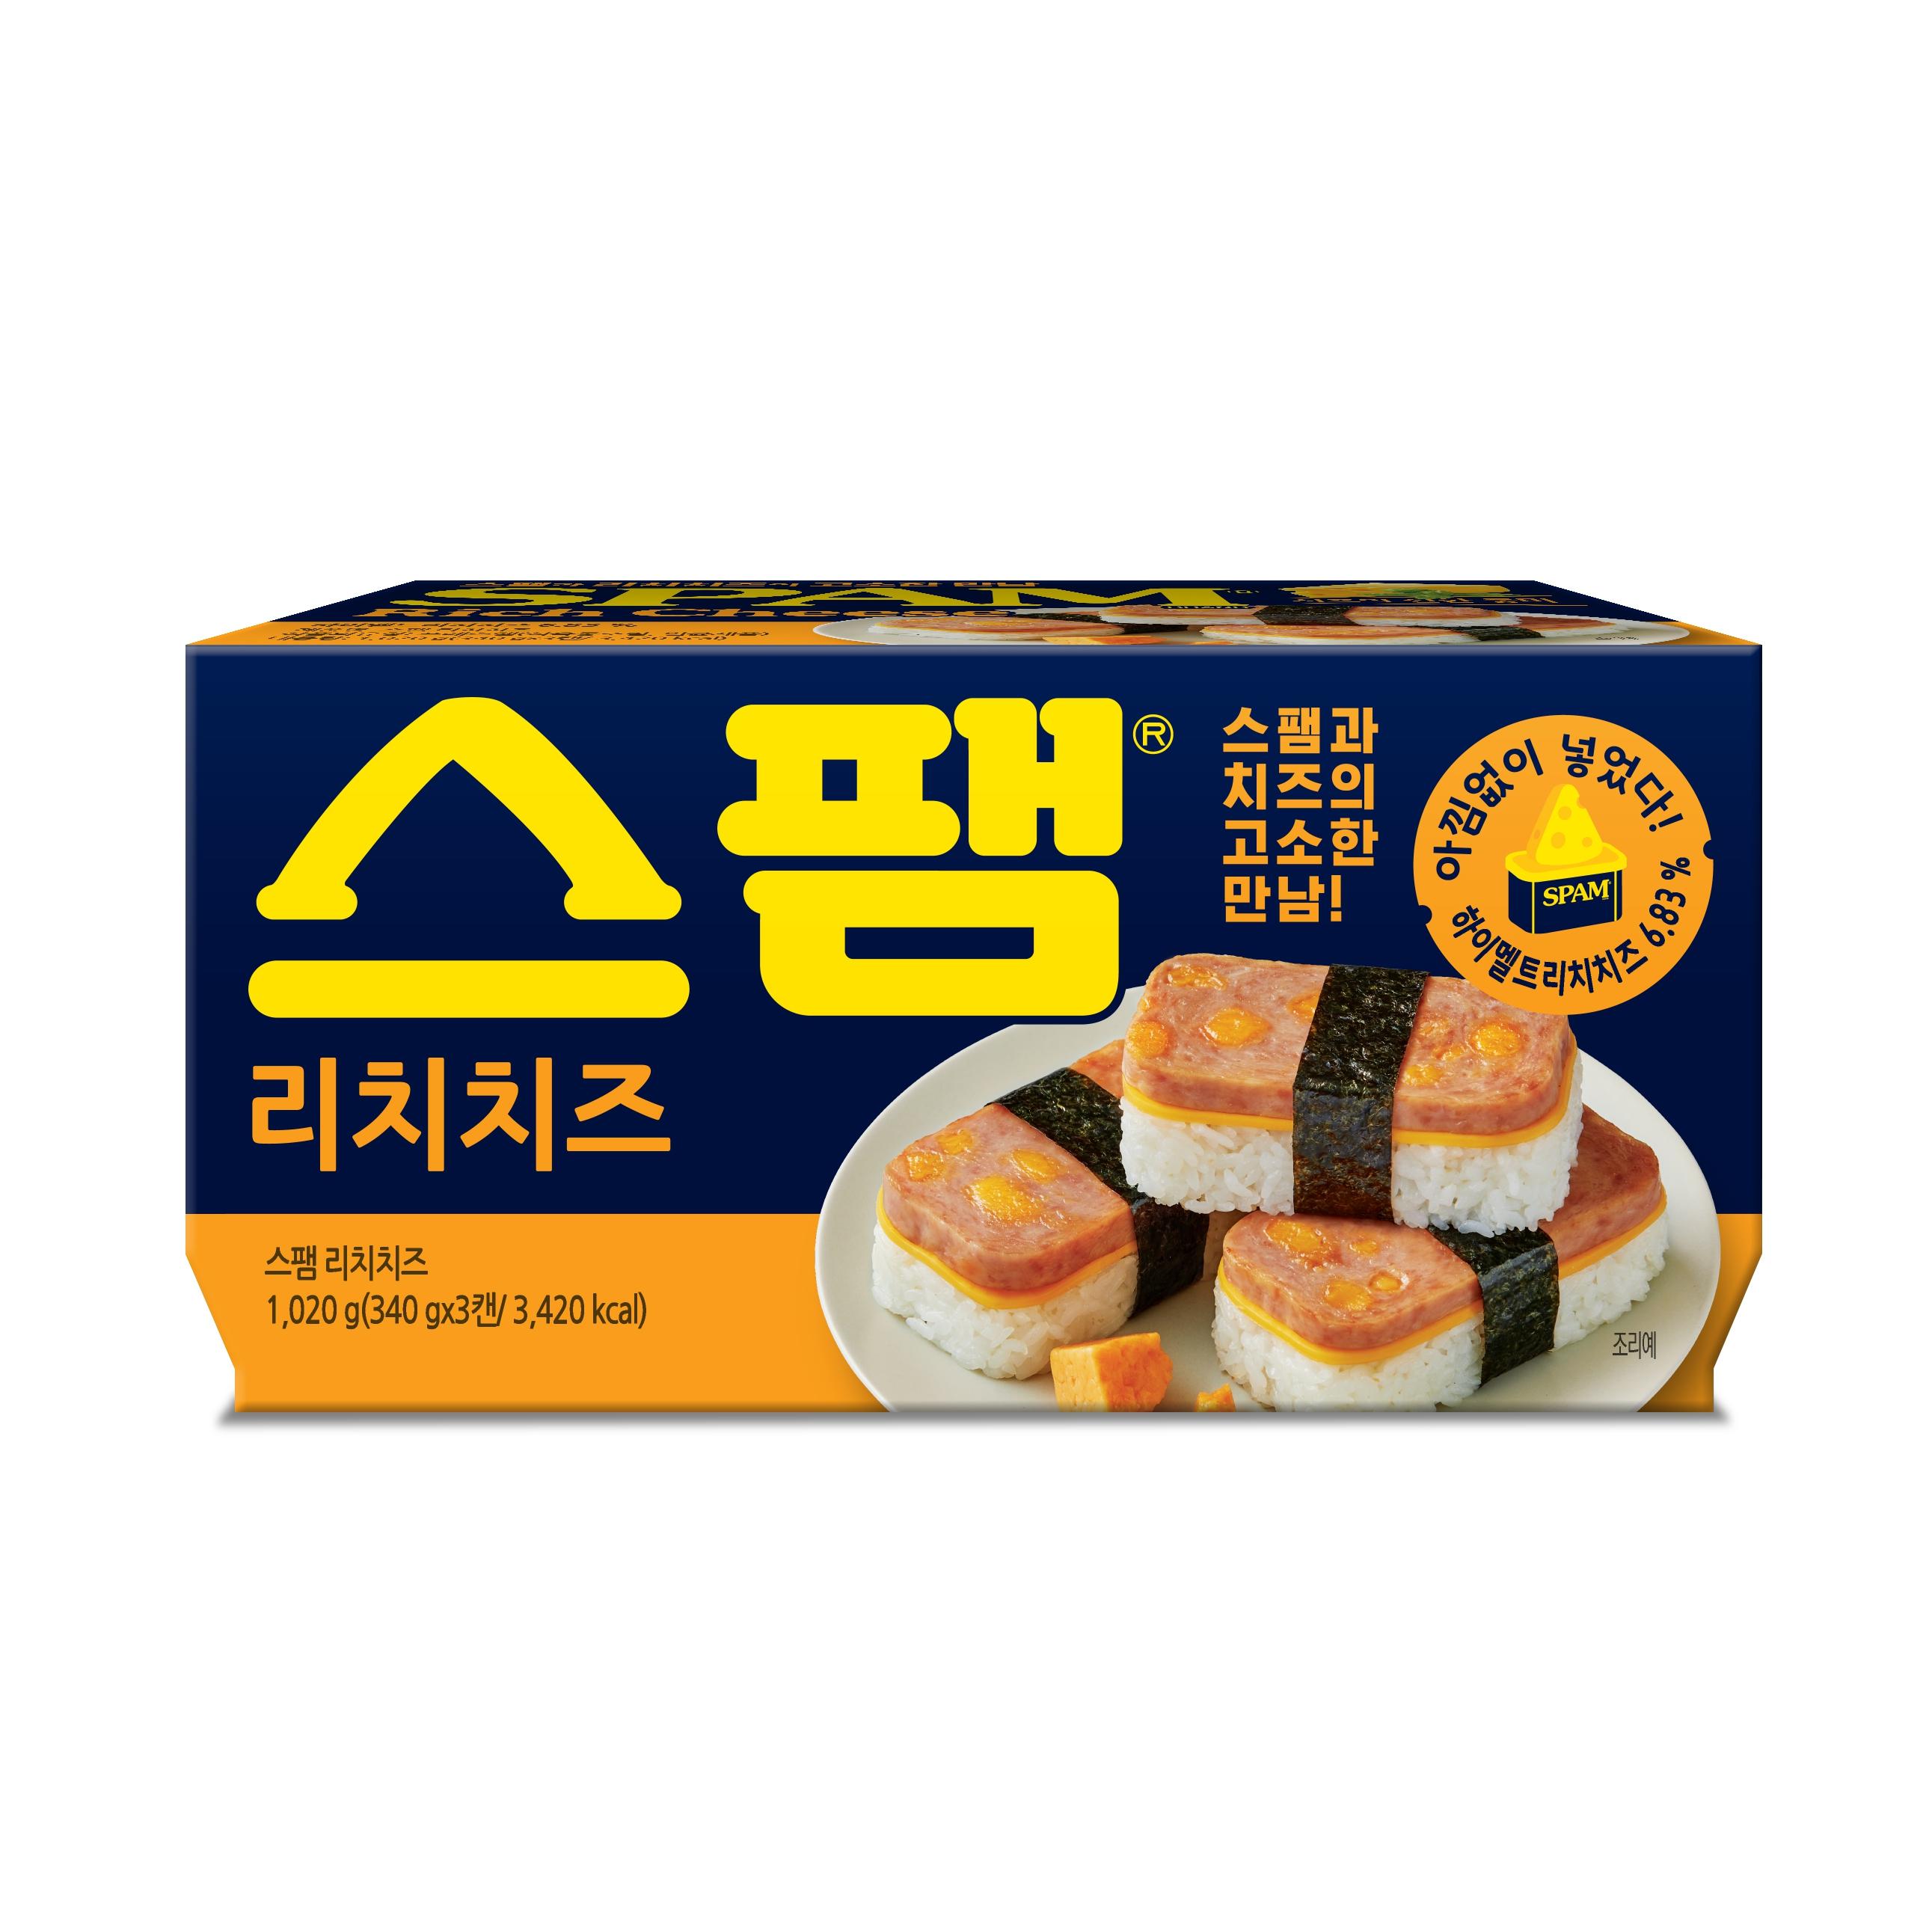 스팸 리치치즈 햄통조림, 340g, 3개